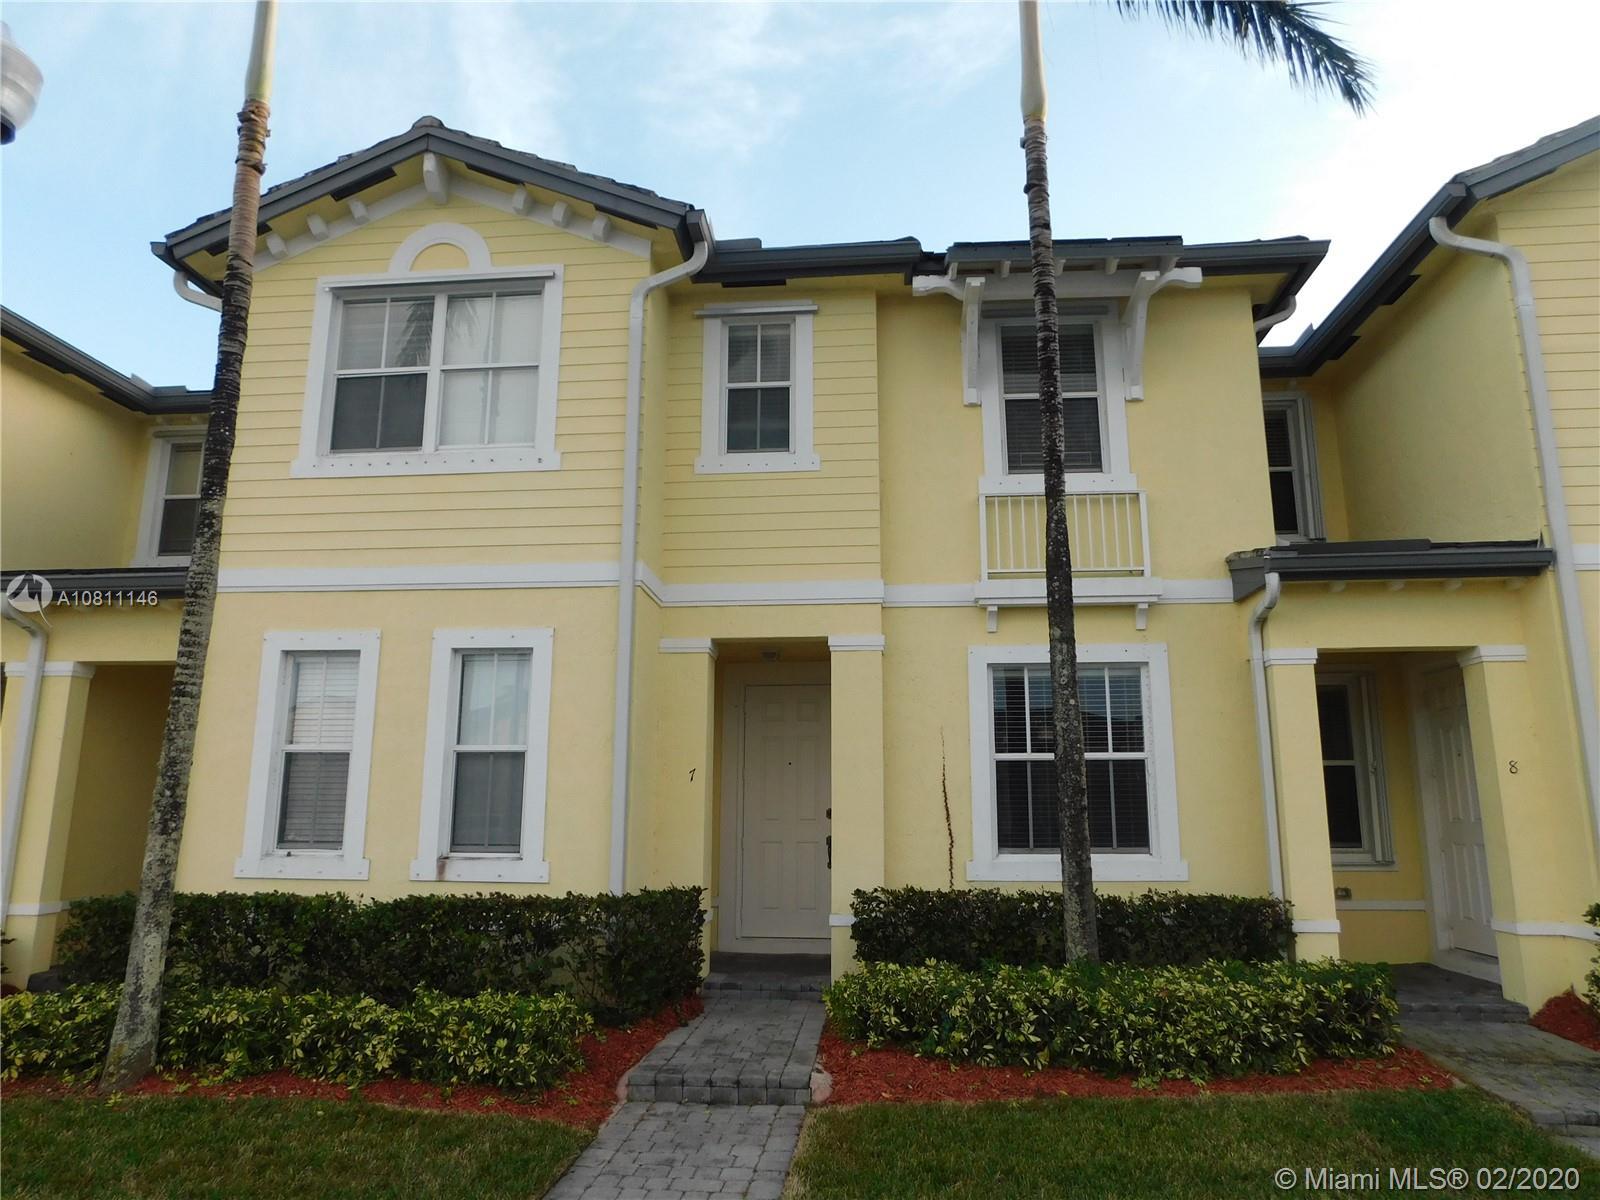 2928 SE 2nd St #7, Homestead, FL 33033 - Homestead, FL real estate listing